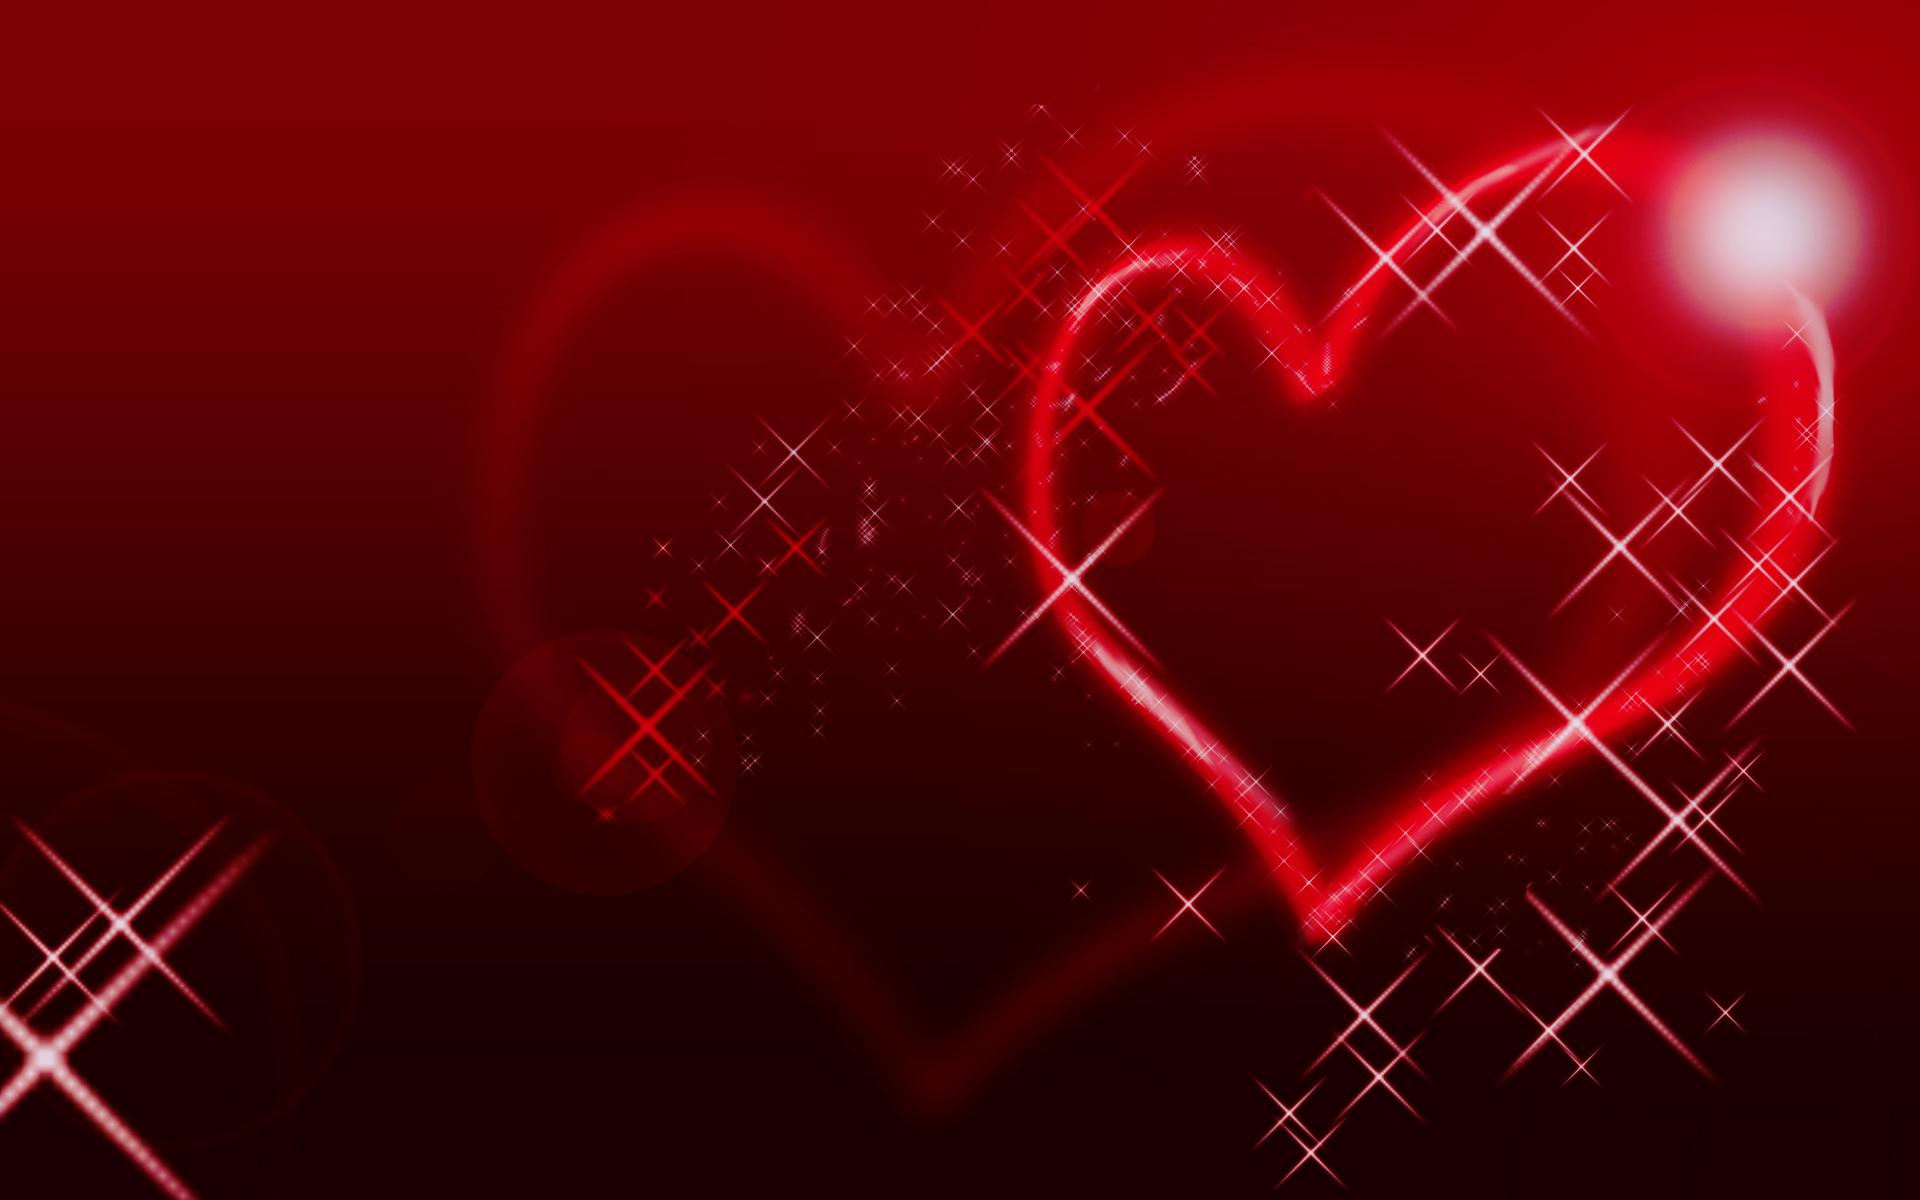 Hearts and Stars by alexalejandro on DeviantArt